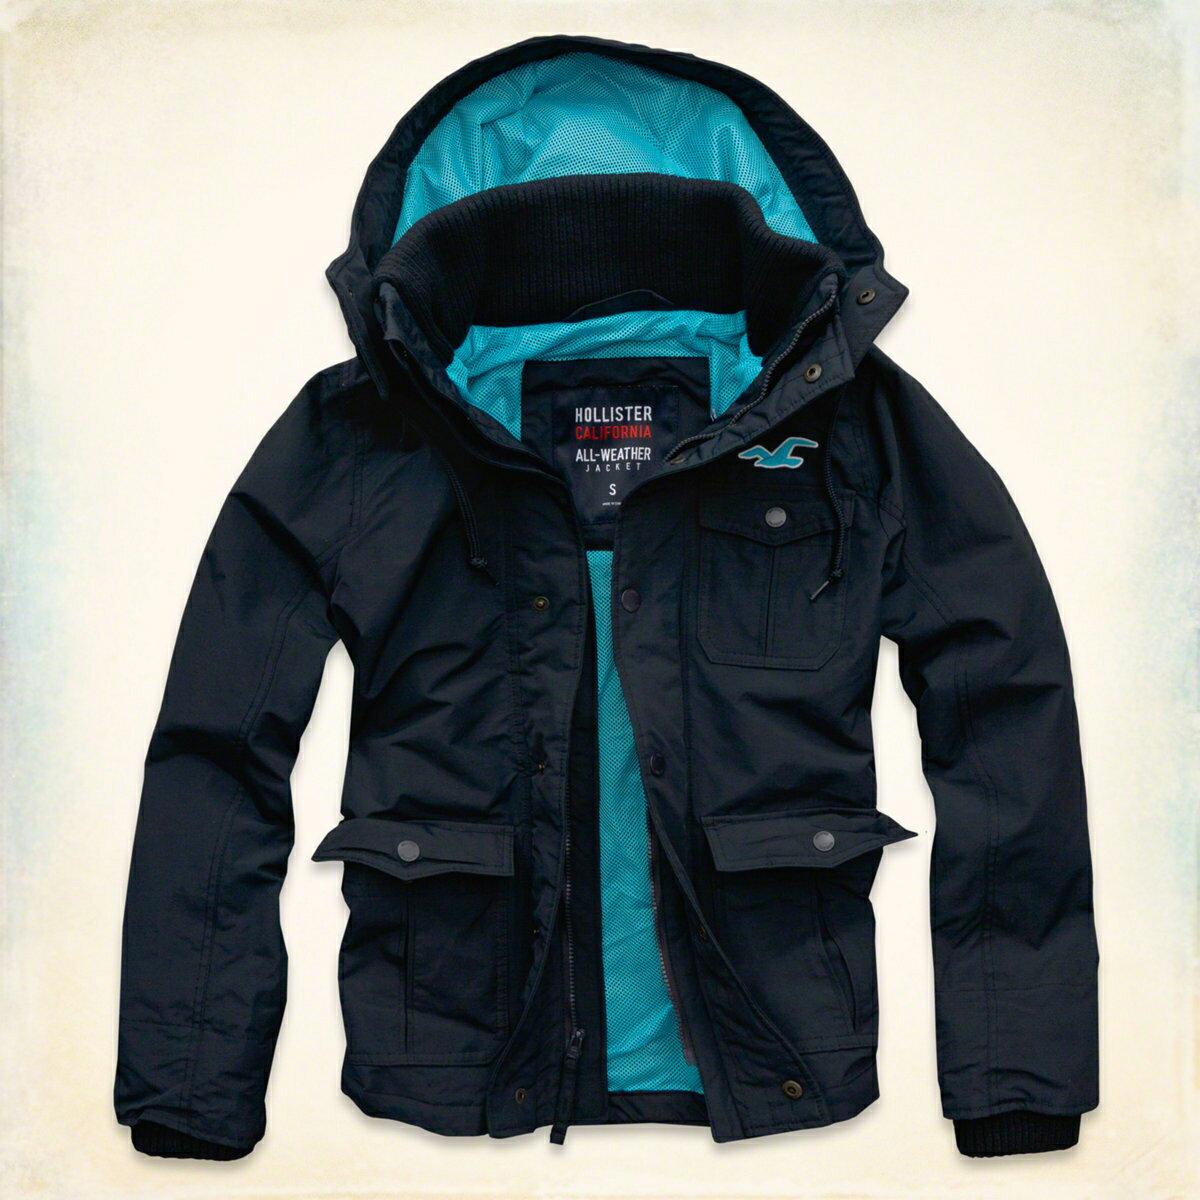 美國百分百【Hollister Co.】HCO 海鷗 男 深藍 休閒 網格 保暖 立領 風衣 連帽 外套 S號 F441